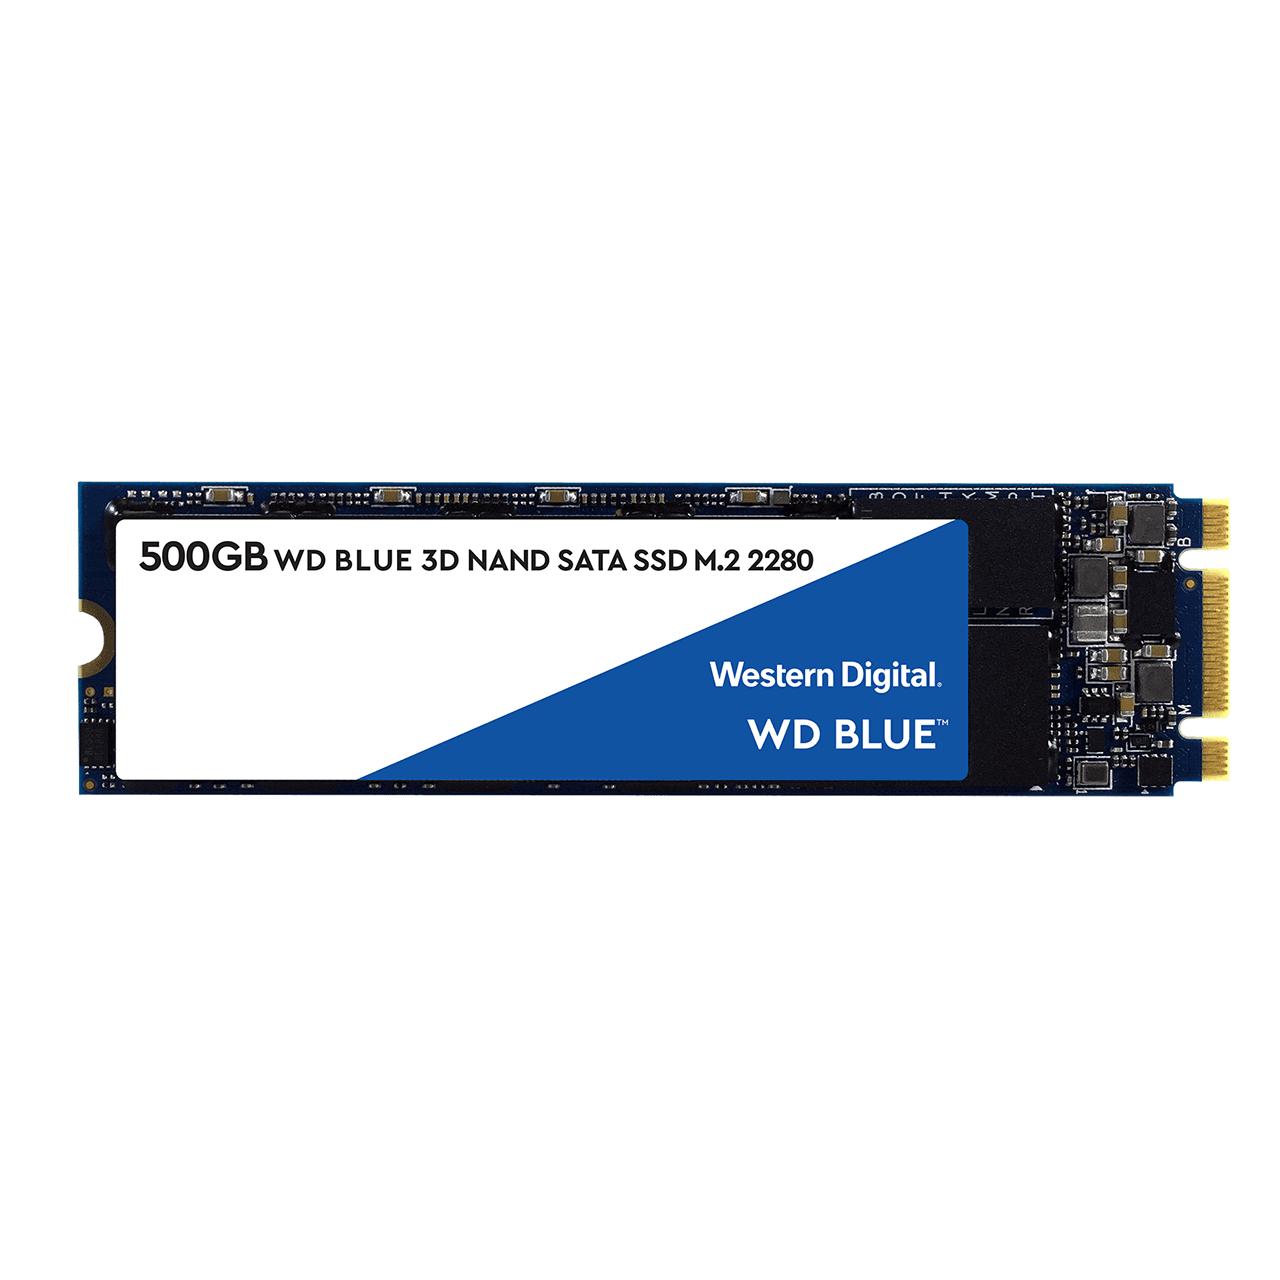 SSD interne M.2 Western Digital WD Blue (SATA) - 500 Go